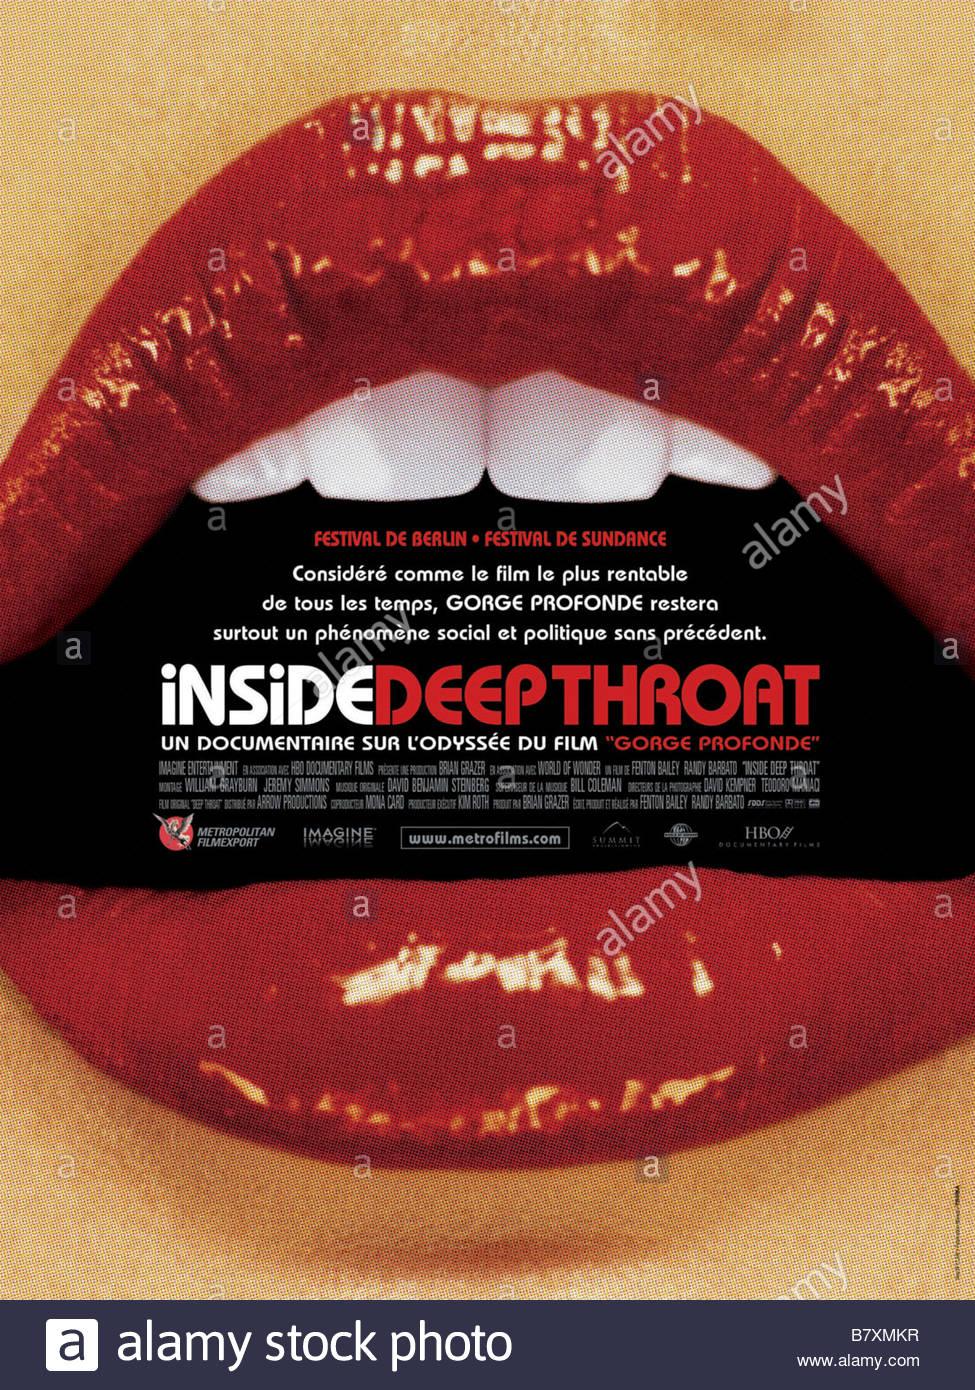 berlinale 2005 inside deep throat